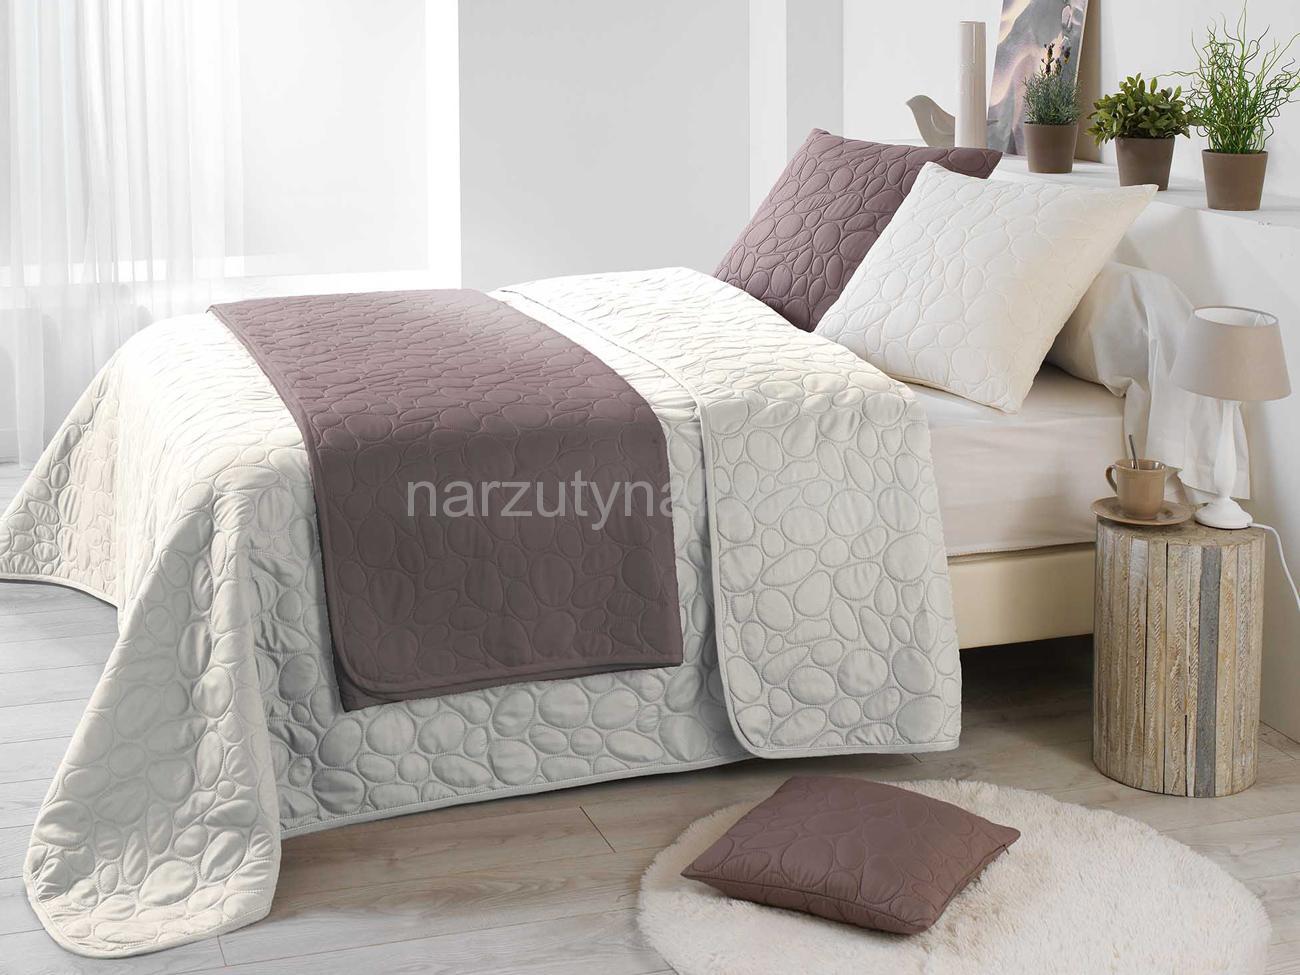 Kremowa Narzuta Na łóżko Do Sypialni W Stylu Vintage 220x240